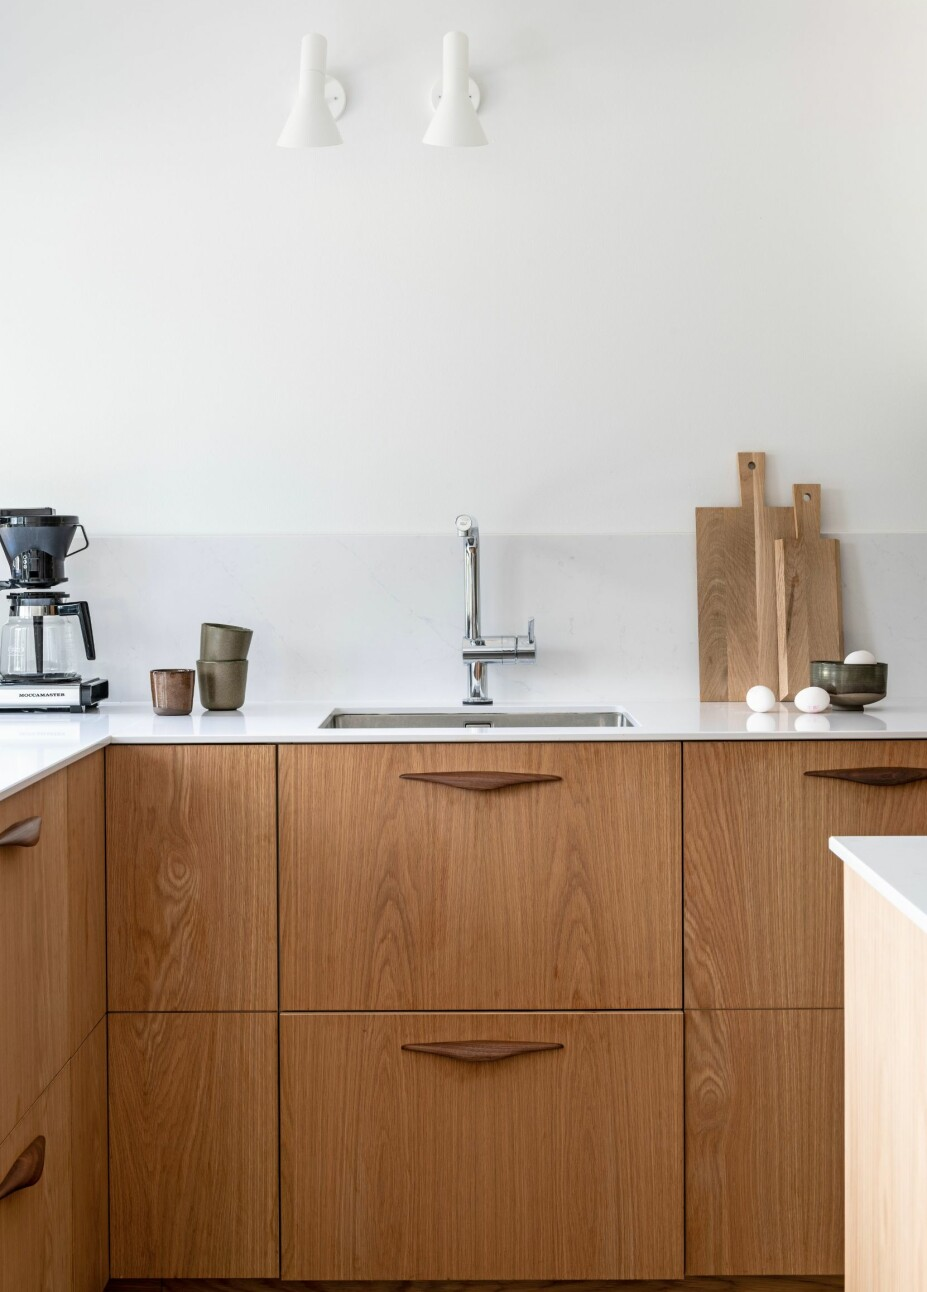 MANGFOLD: Skrogene er fra Ikea, mens frontene er laget av Nytt Prosjekt. Benkeplaten i hvit Silestone er fra Allstein. Vegglampene er fra Louis Poulsen.